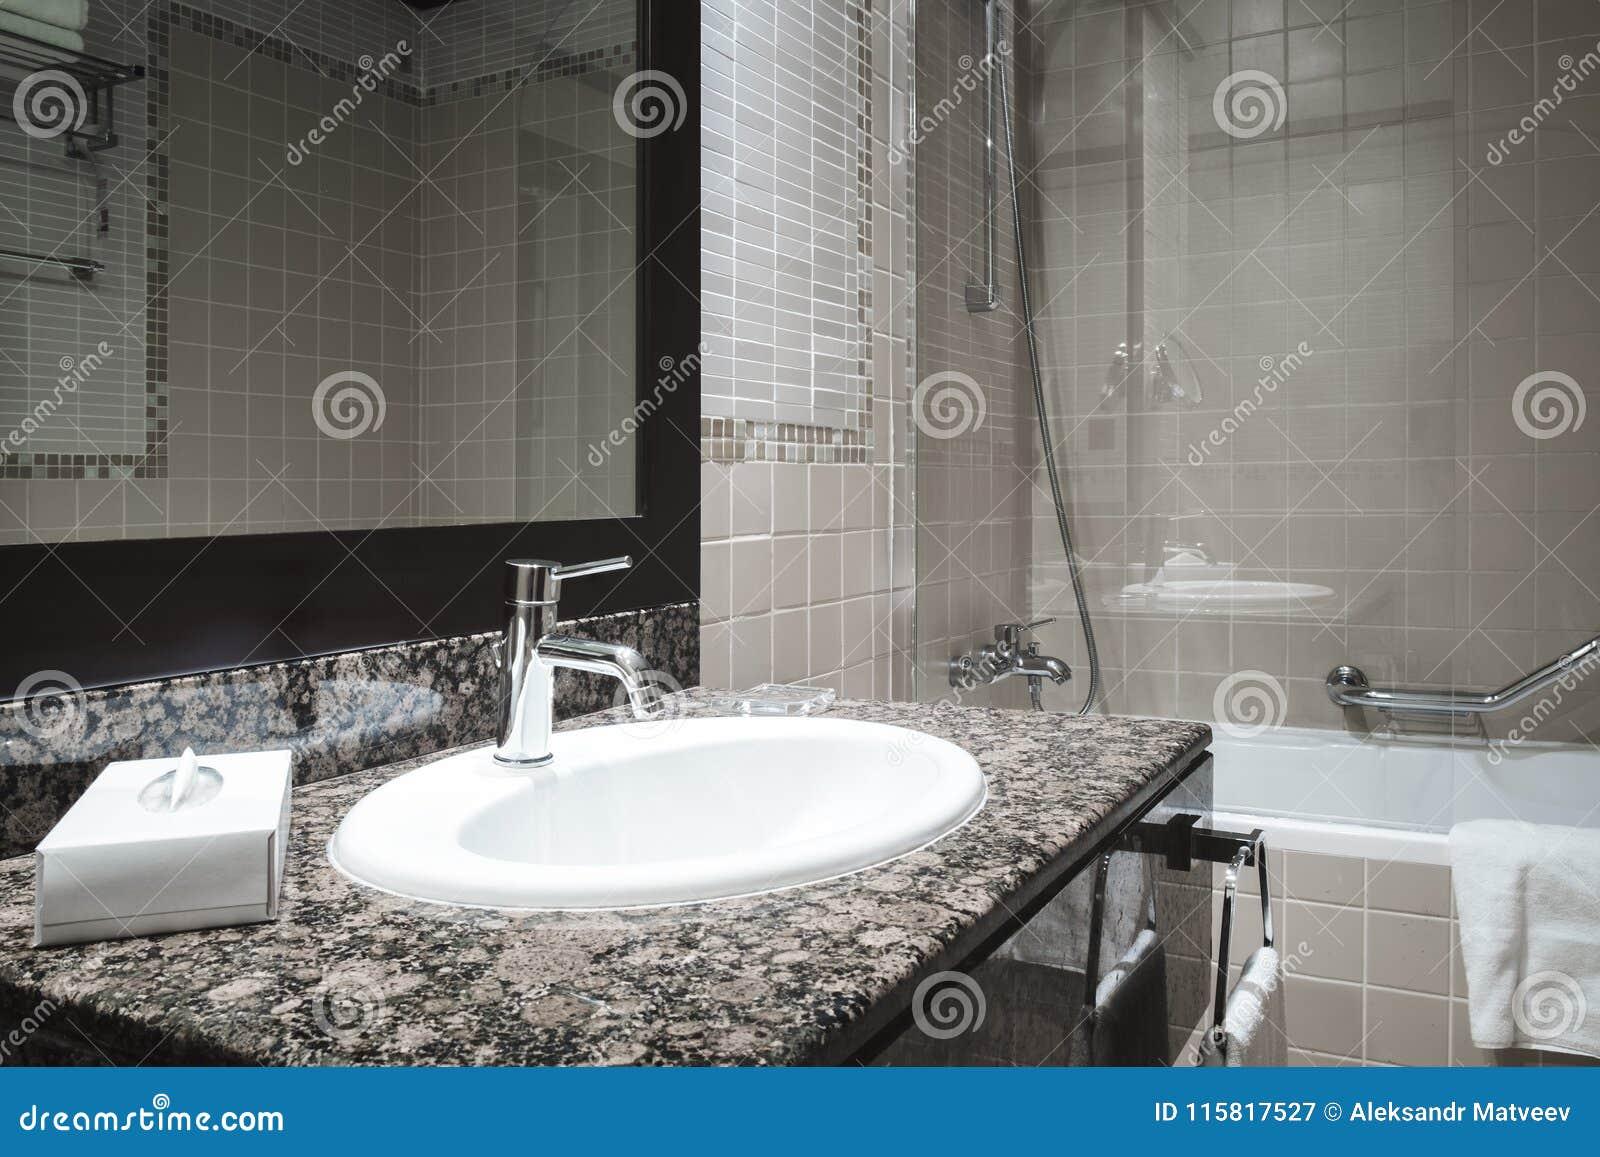 Classique De Luxe De Salle De Bains Avec Le Robinet Moderne De Style